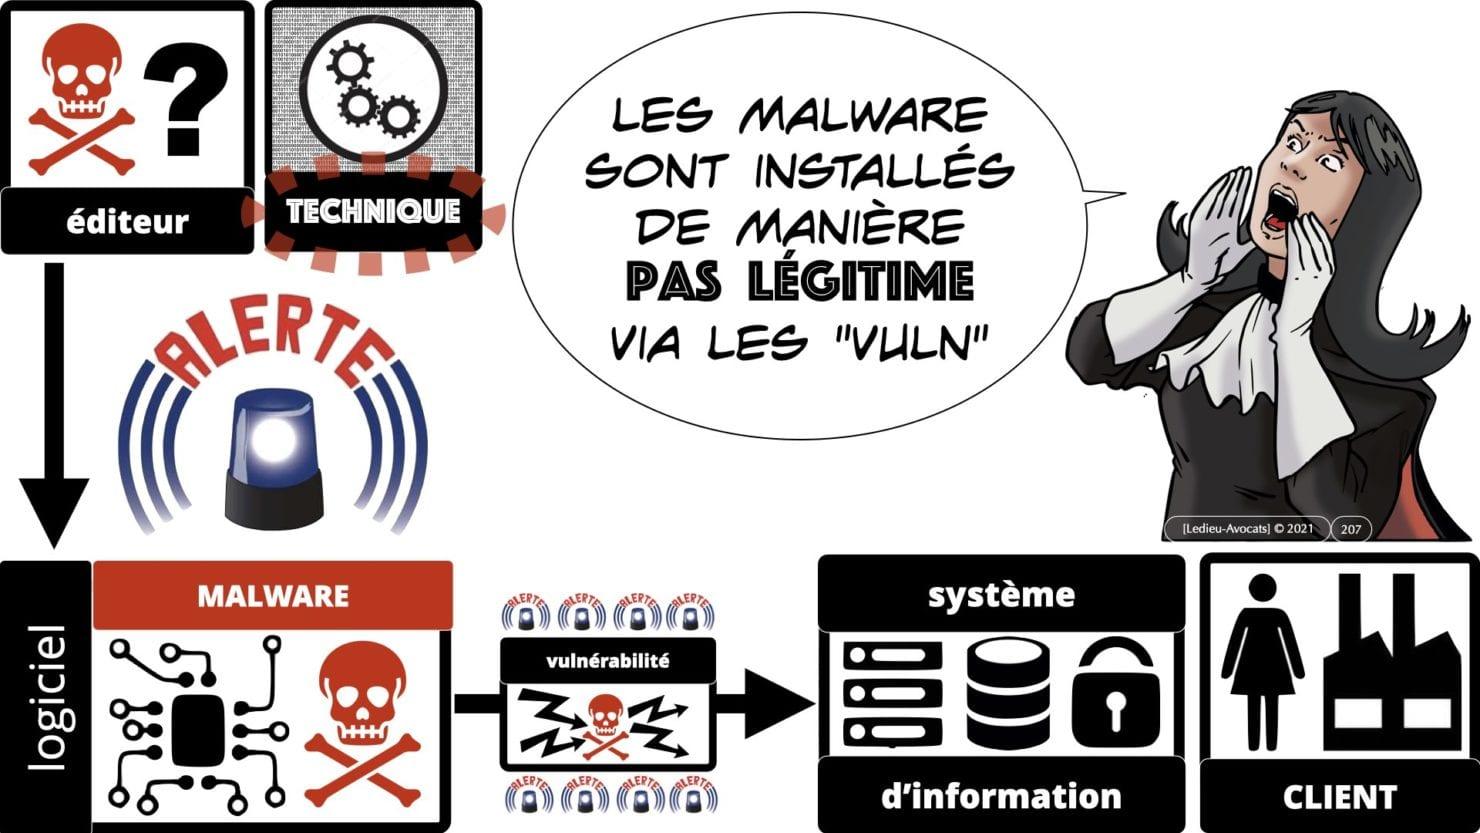 333 CYBER ATTAQUE responsabilité pénale civile contrat © Ledieu-Avocats 23-05-2021.207